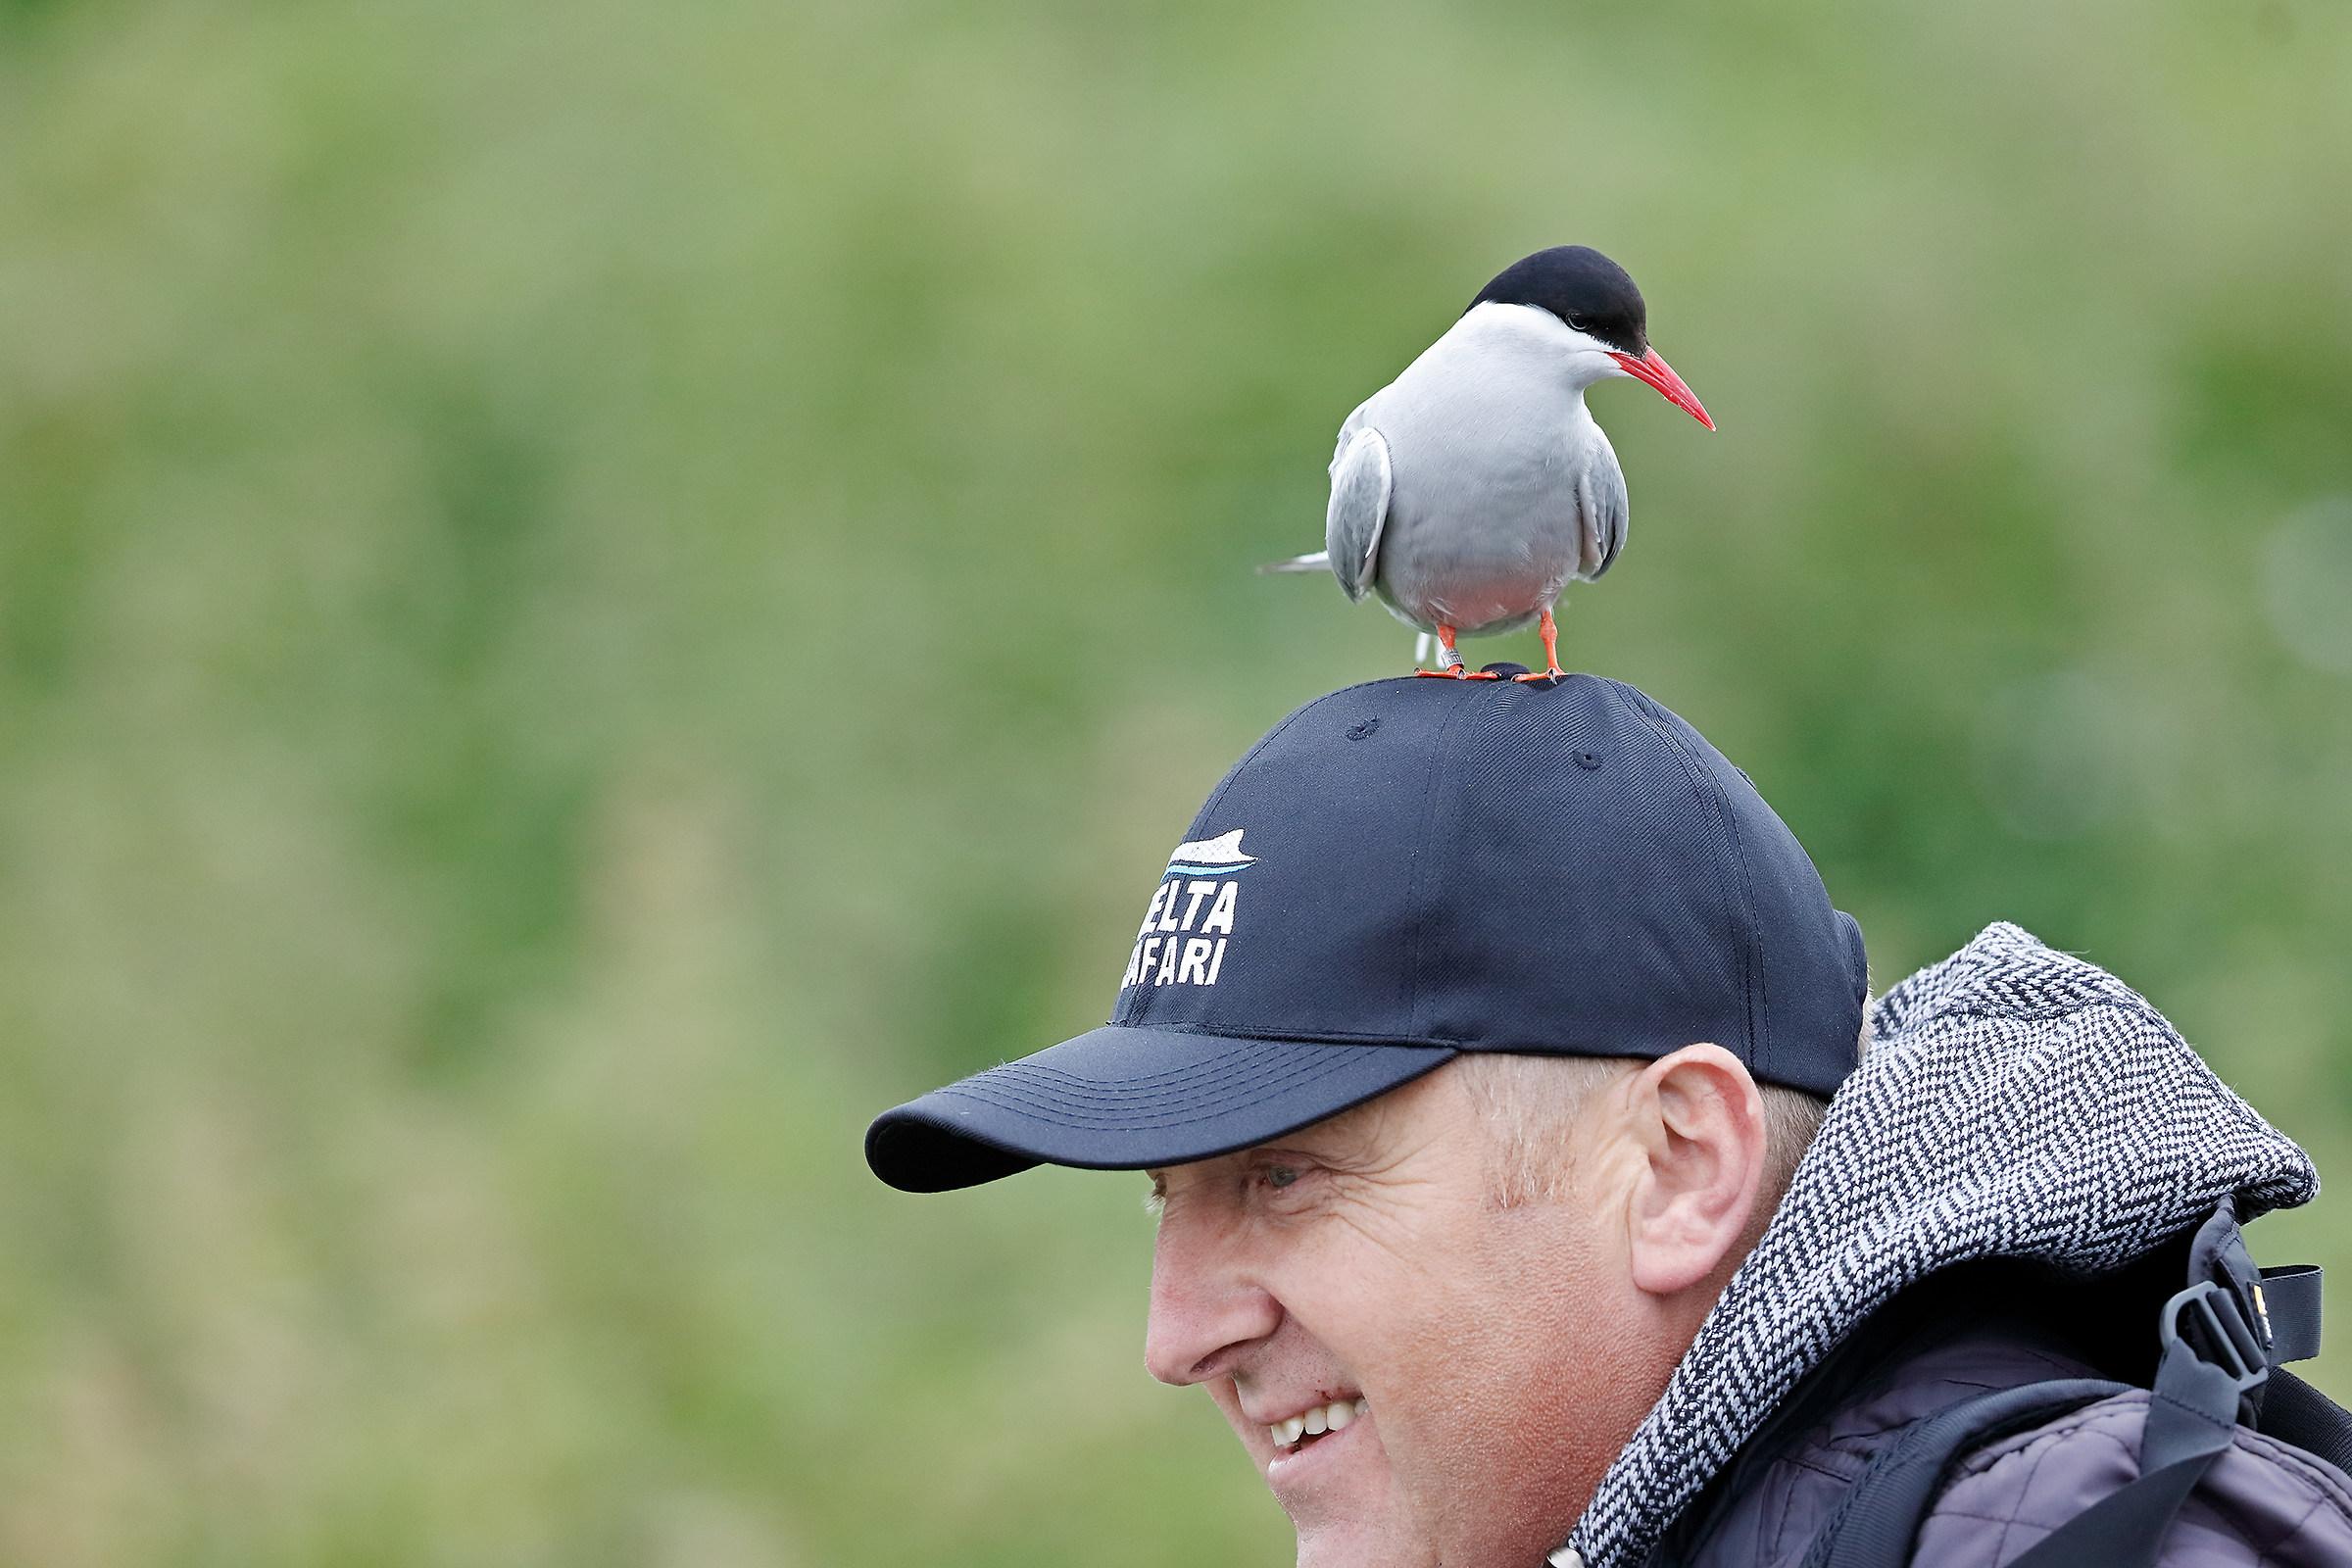 Originale ornamento per cappellino :)...